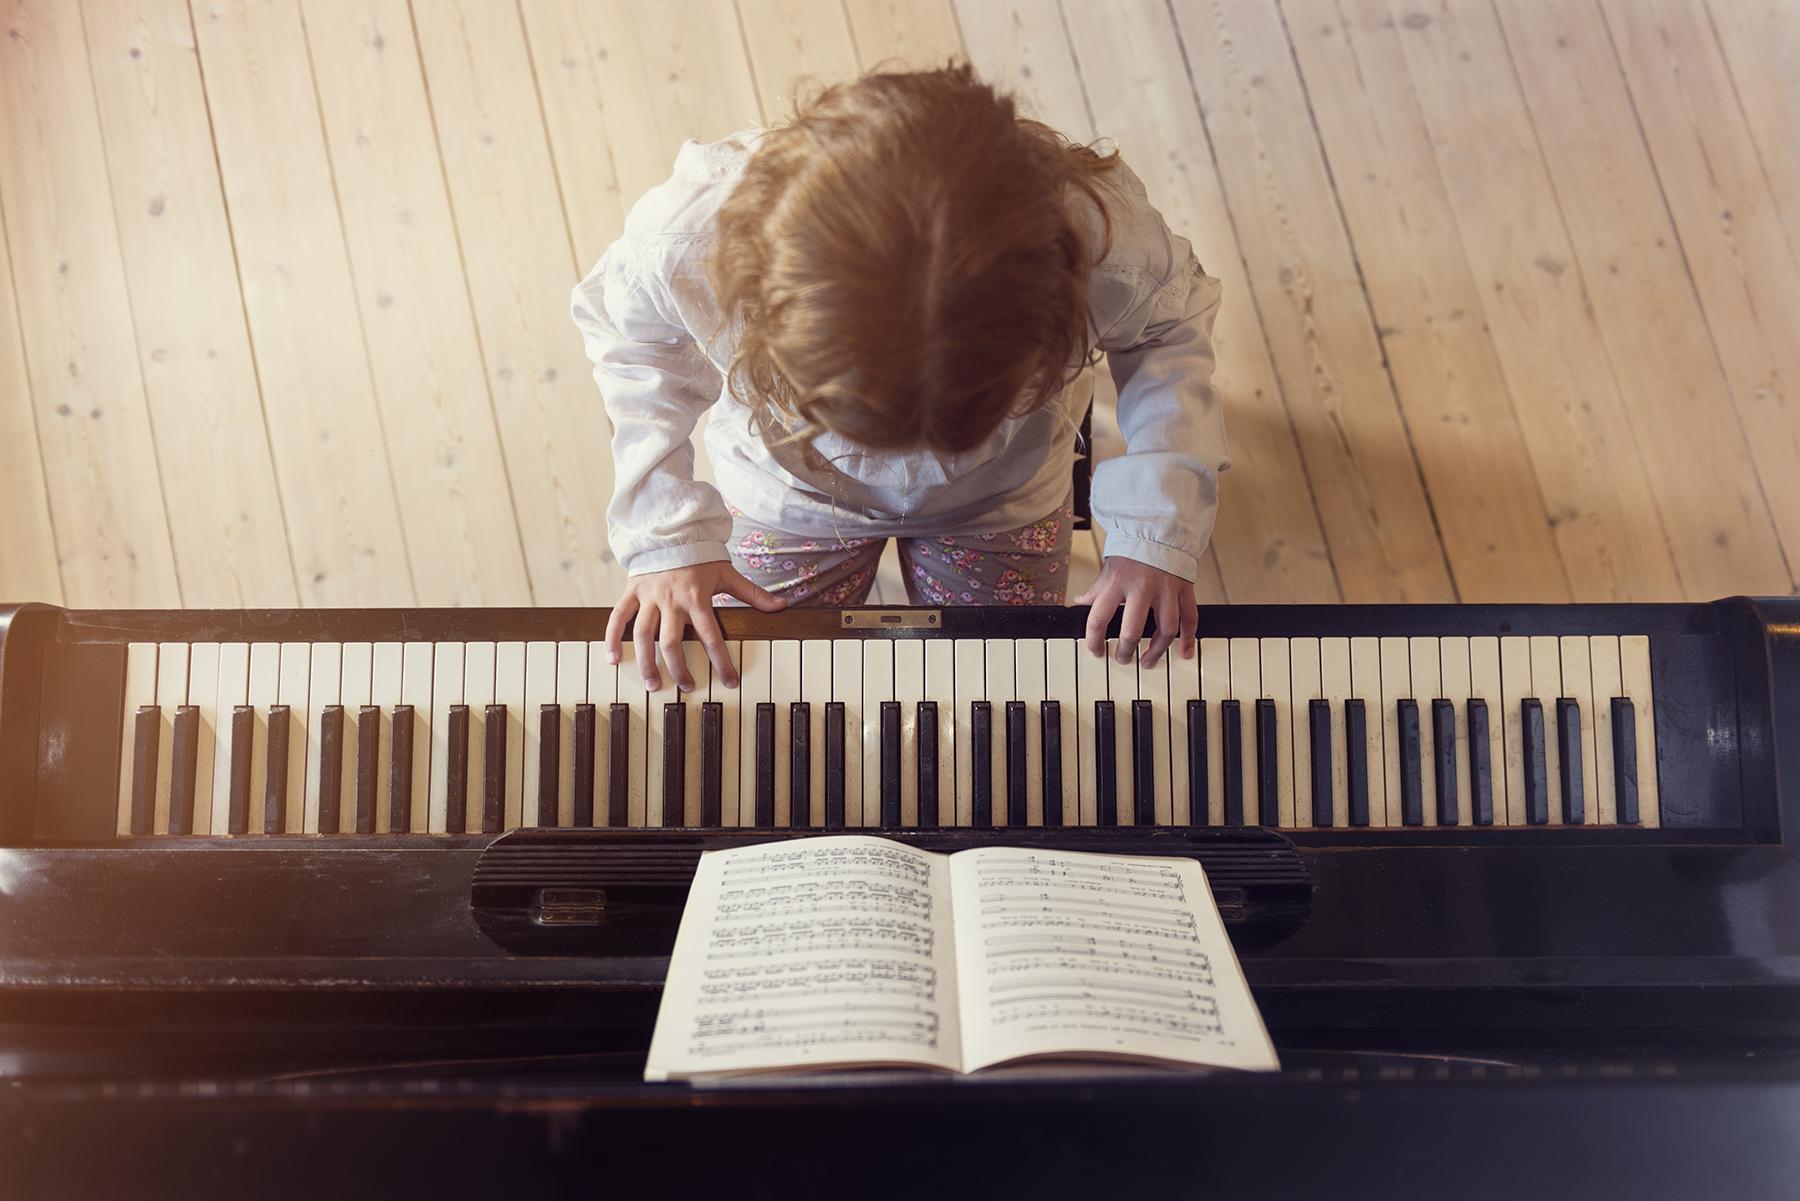 自動採譜的功能與發展,讓人人都能開外掛擁有莫札特的絕對音感與解譜能力,可以馬上就編譯樂譜。圖│iStock